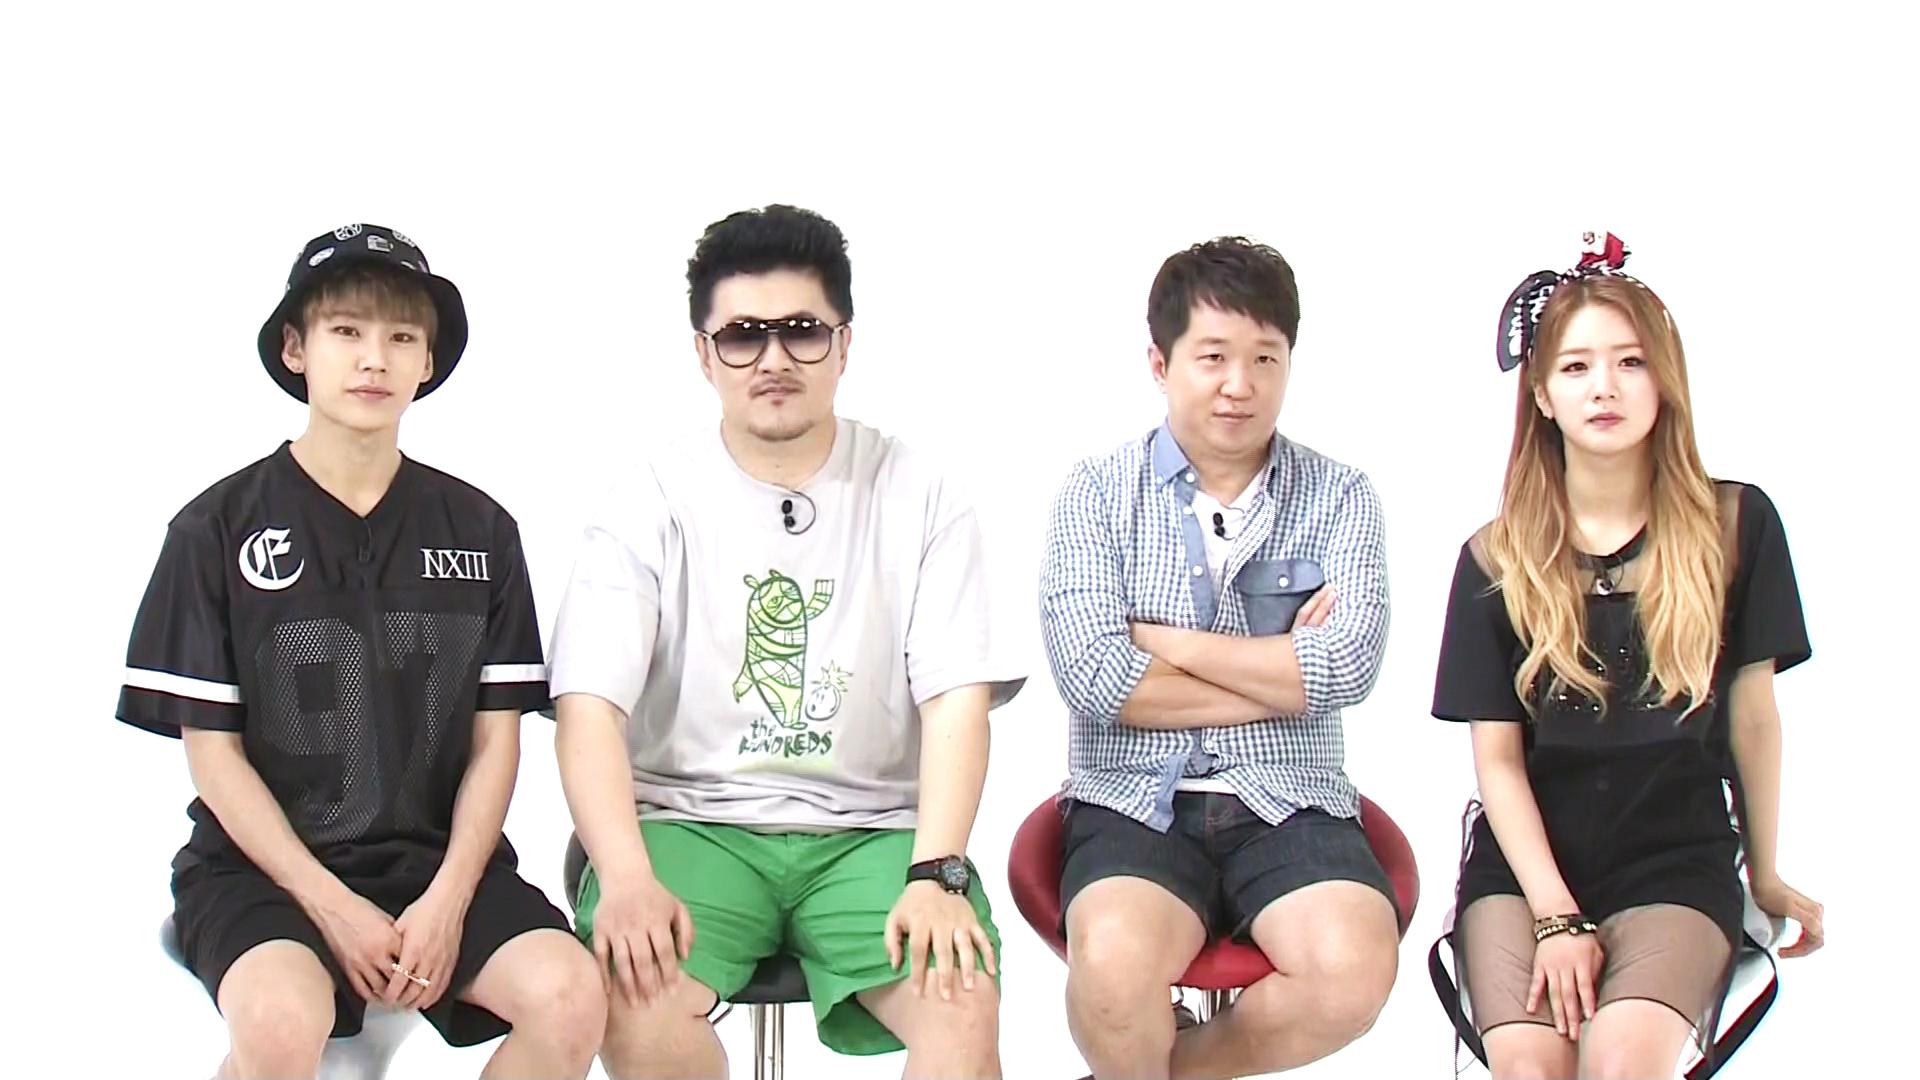 bomi ilhoon weekly idol